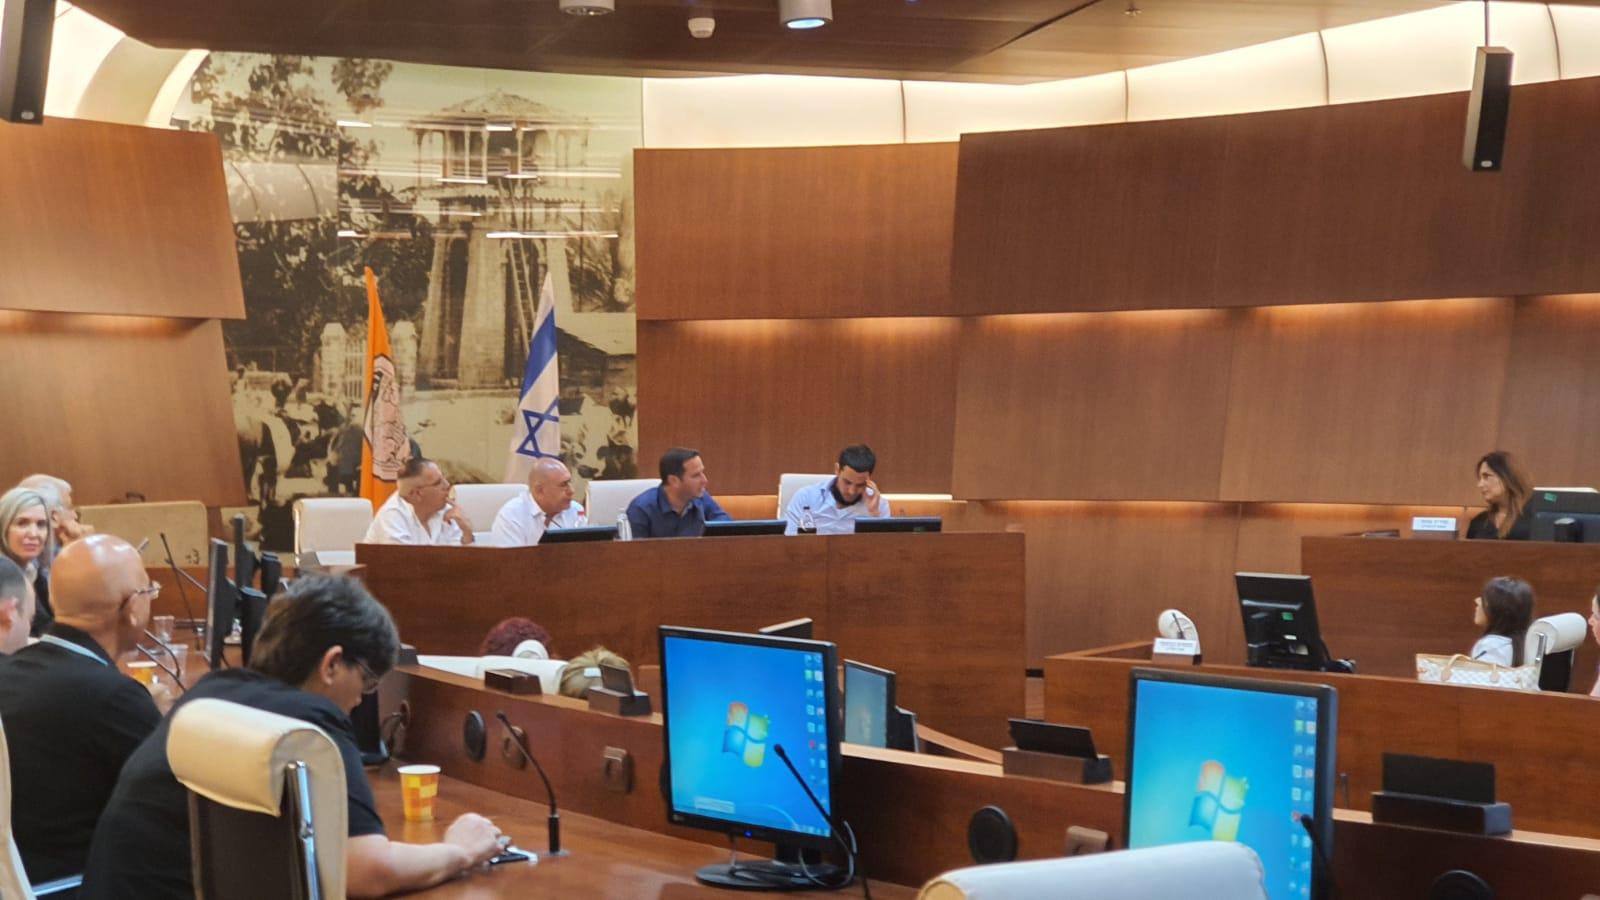 הפגישה בעירייה. צילום: דוברות העירייה